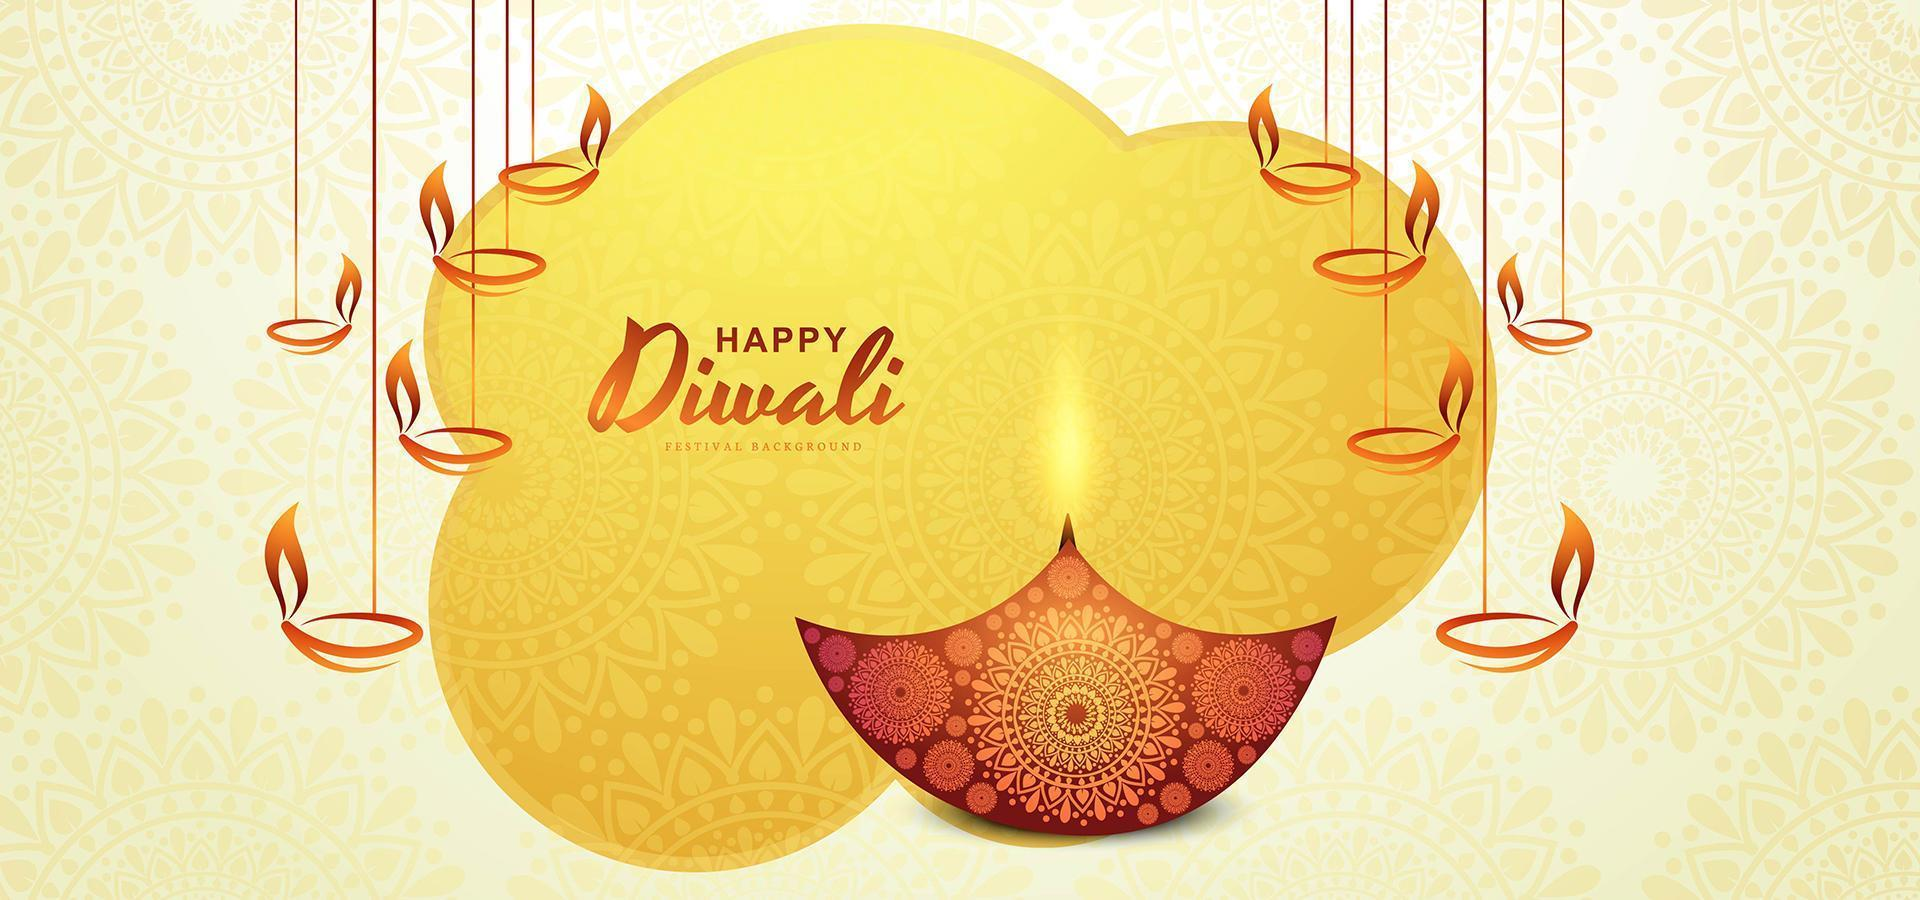 illustrazione di bruciare diya in vacanza felice diwali vettore